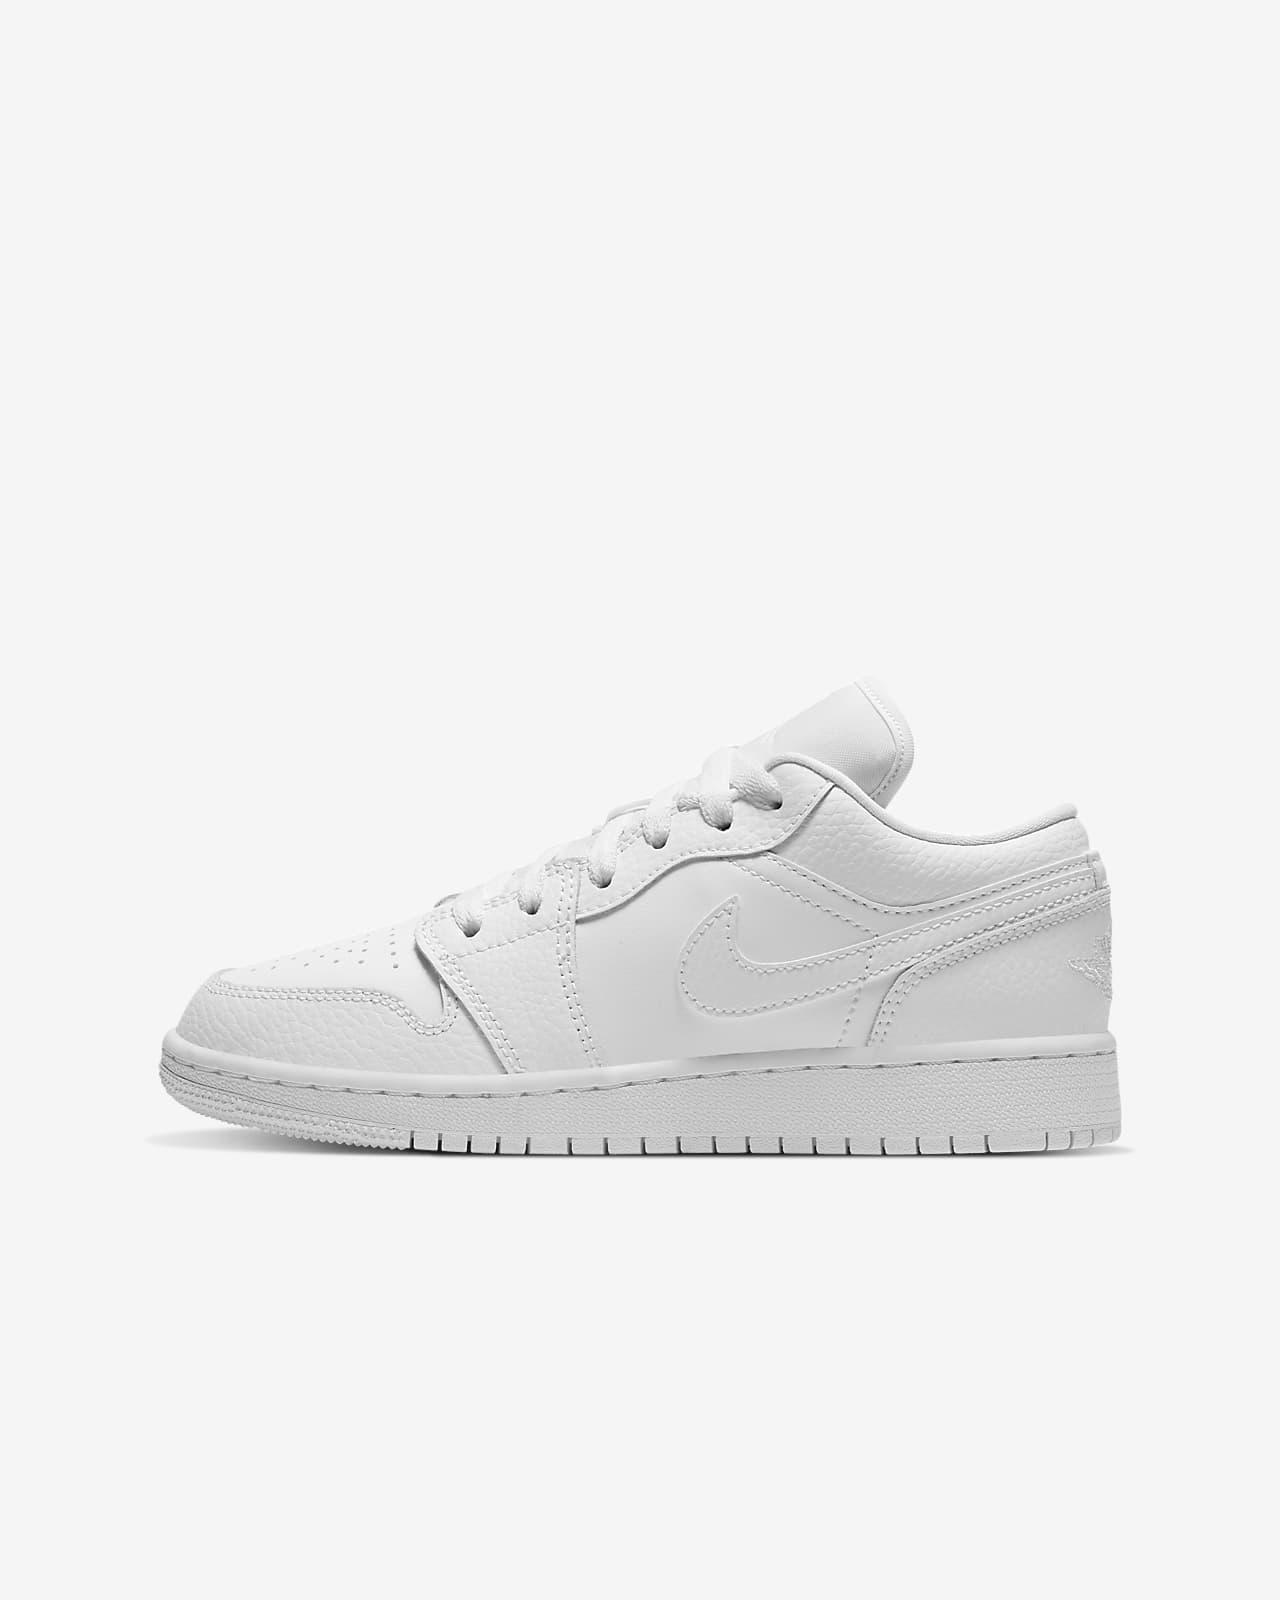 Air Jordan 1 Low Older Kids' Shoe